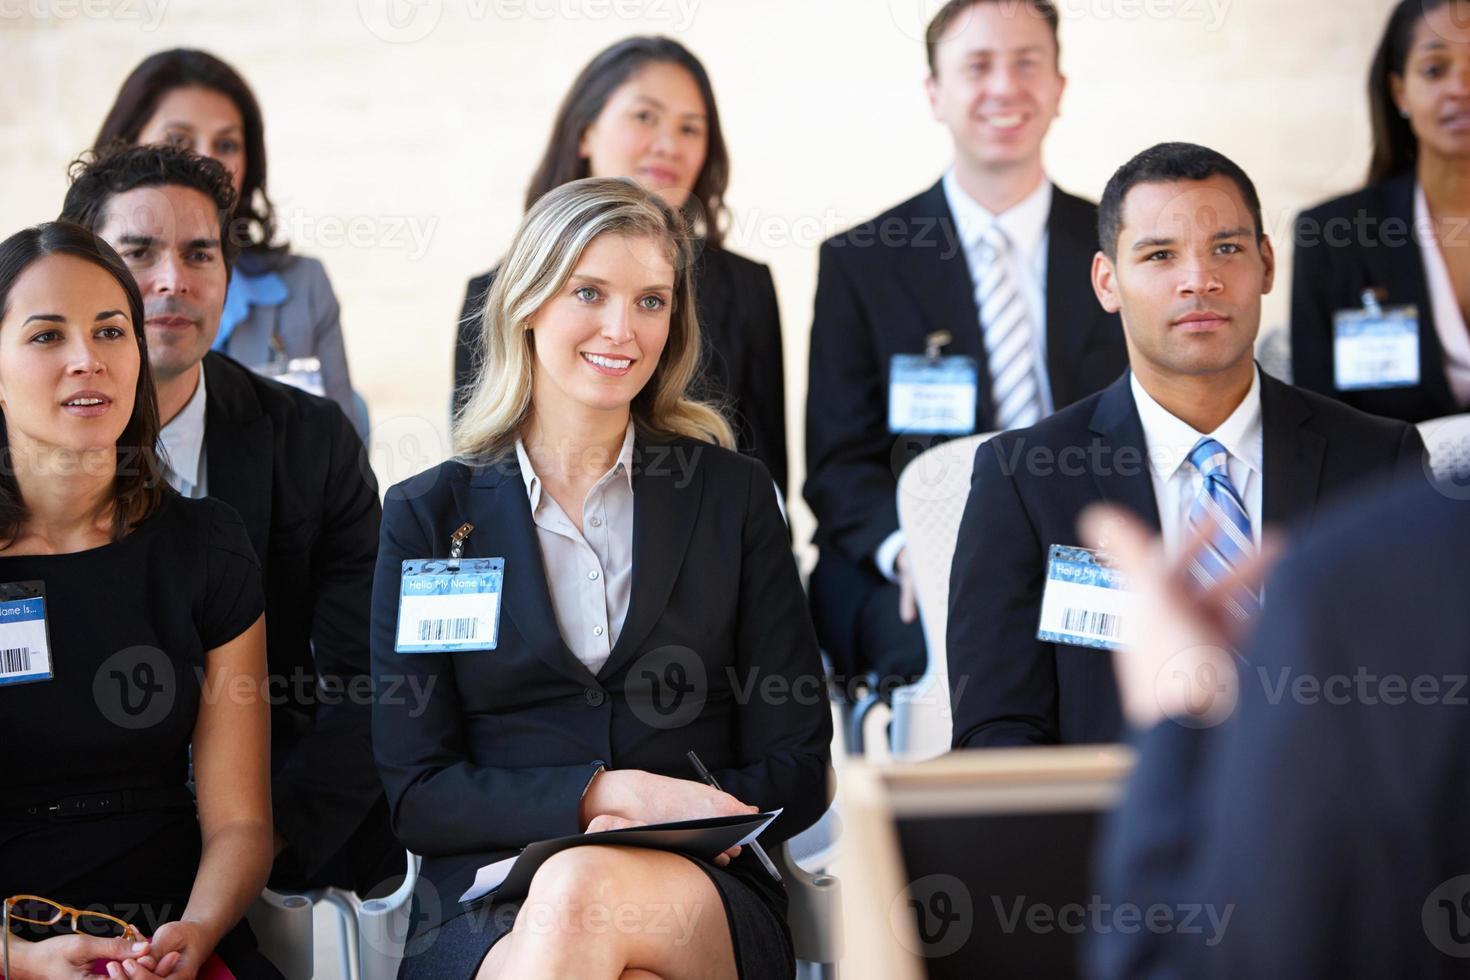 afgevaardigden luisteren naar spreker op conferentie foto